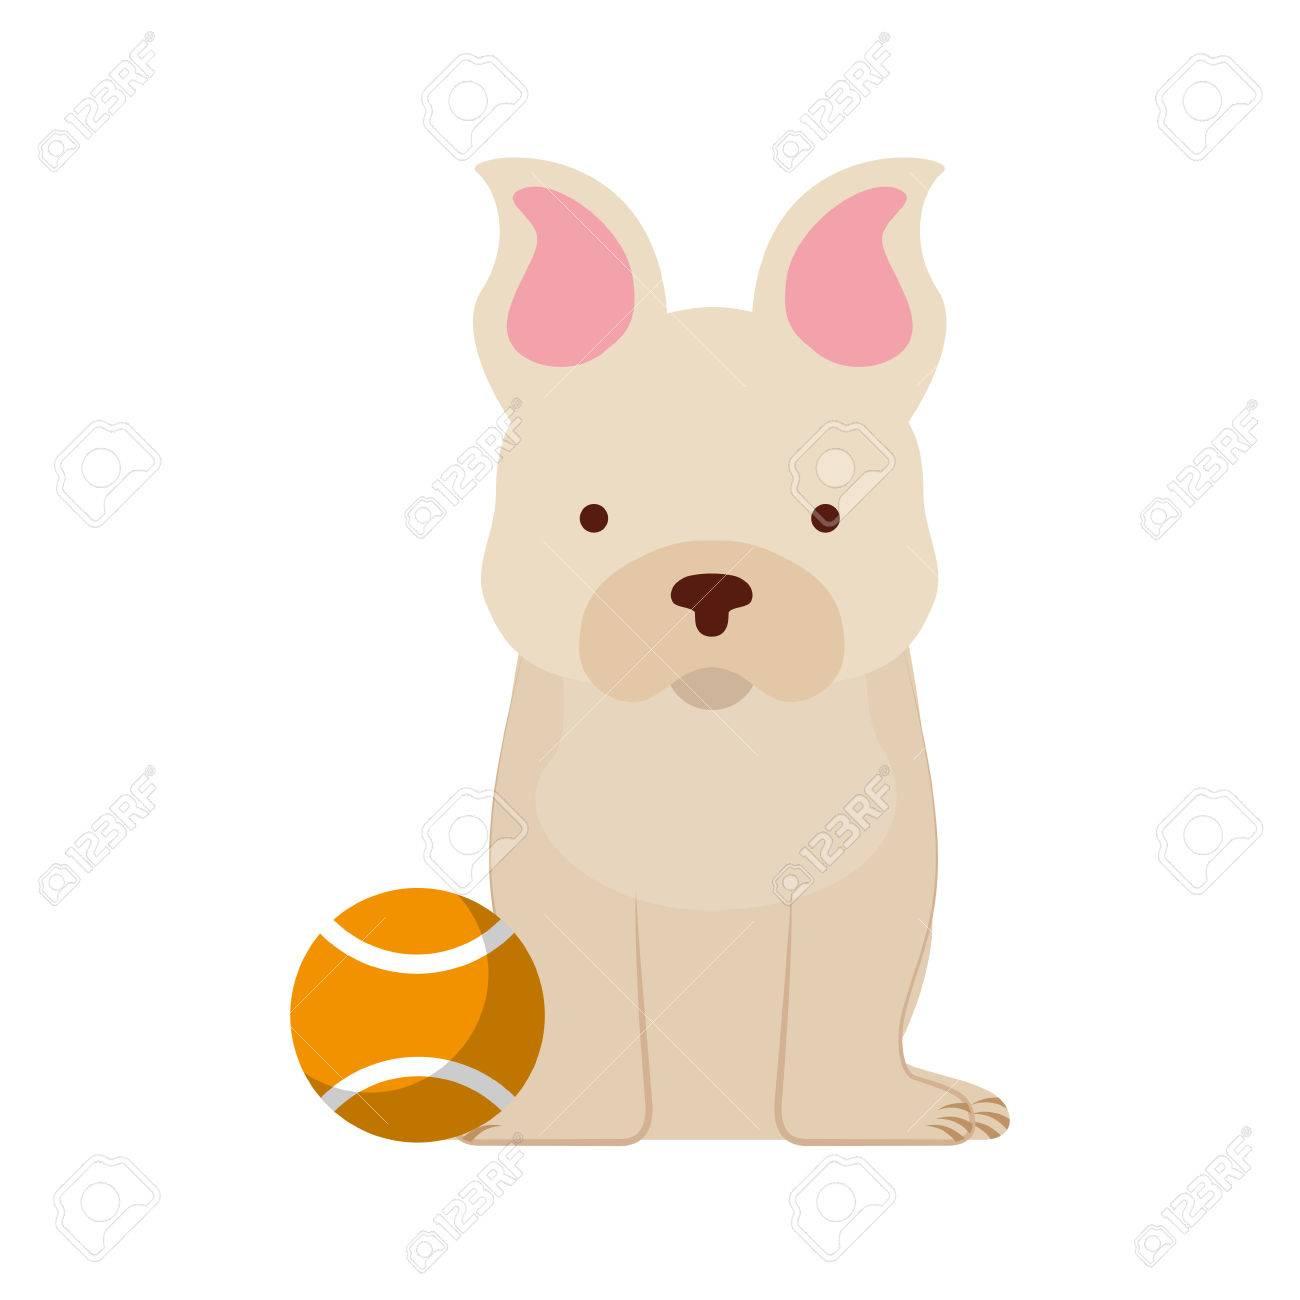 Tennis ball mascot stock photos tennis ball mascot stock photography - Cute Dog Mascot With Tennis Ball Vector Illustration Design Stock Vector 81844321